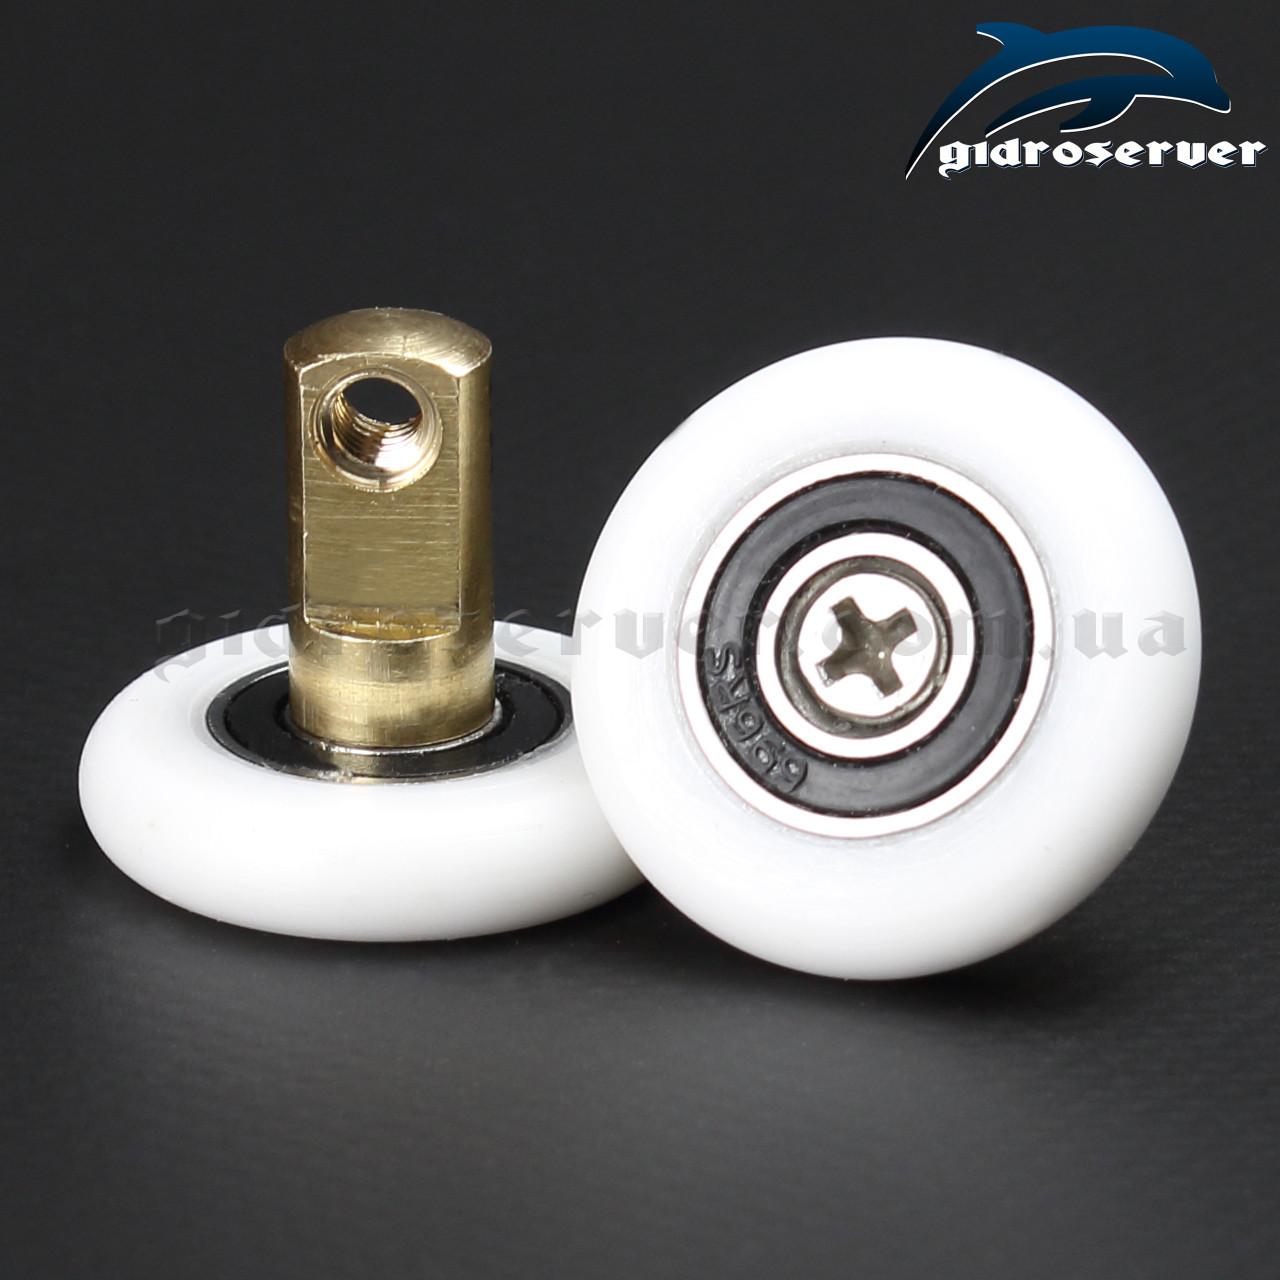 Сменная ось со съемным колесом для роликов душевых кабин, гидробоксов OS-01.